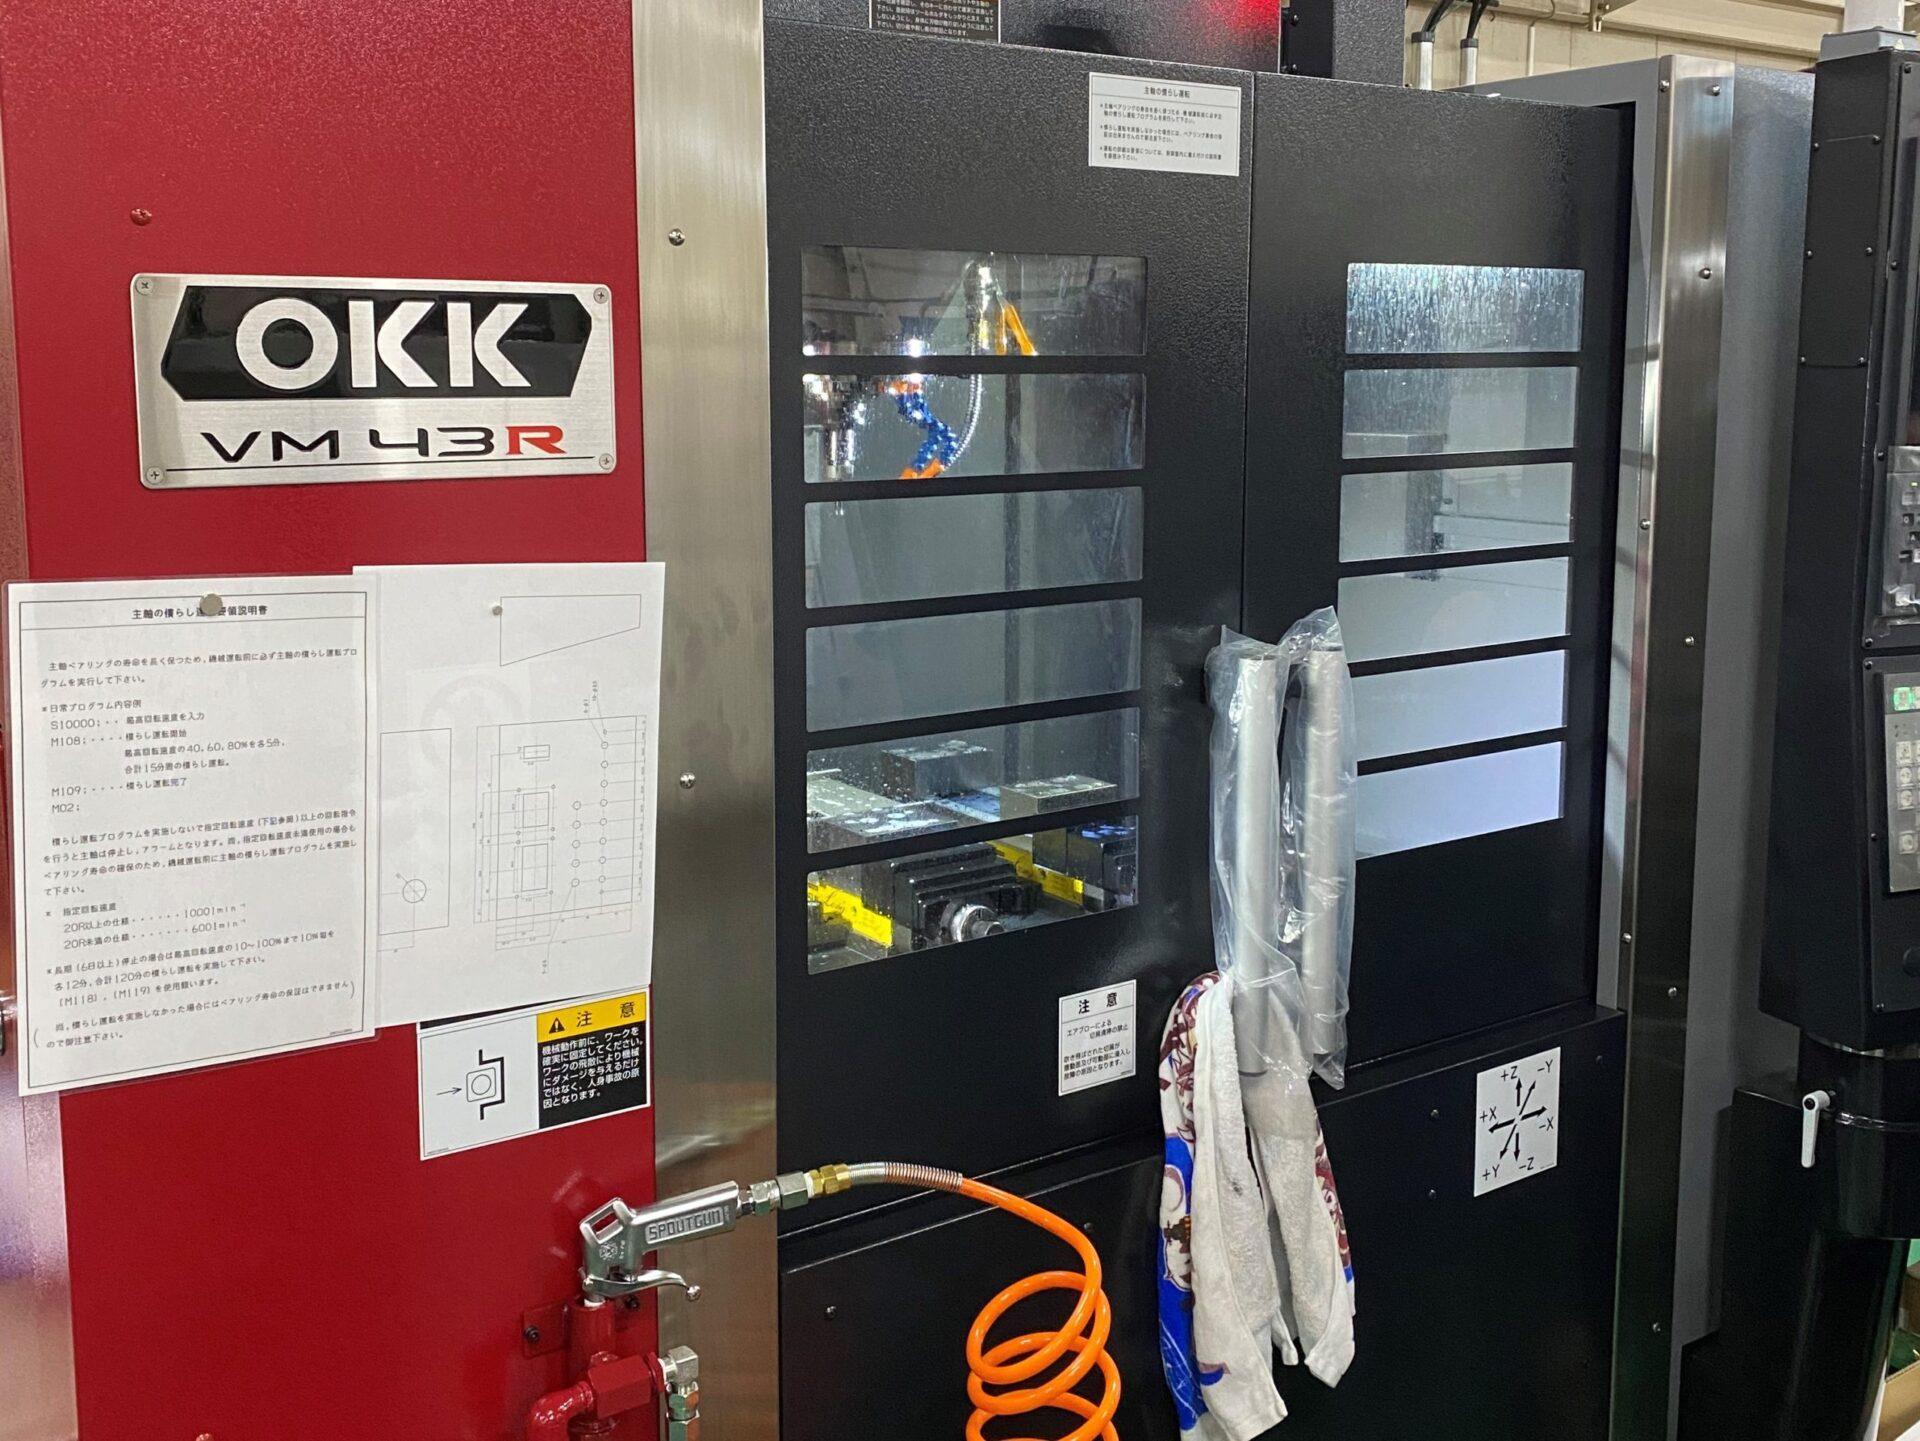 四国工場 マシニングセンター OKK_VM43R